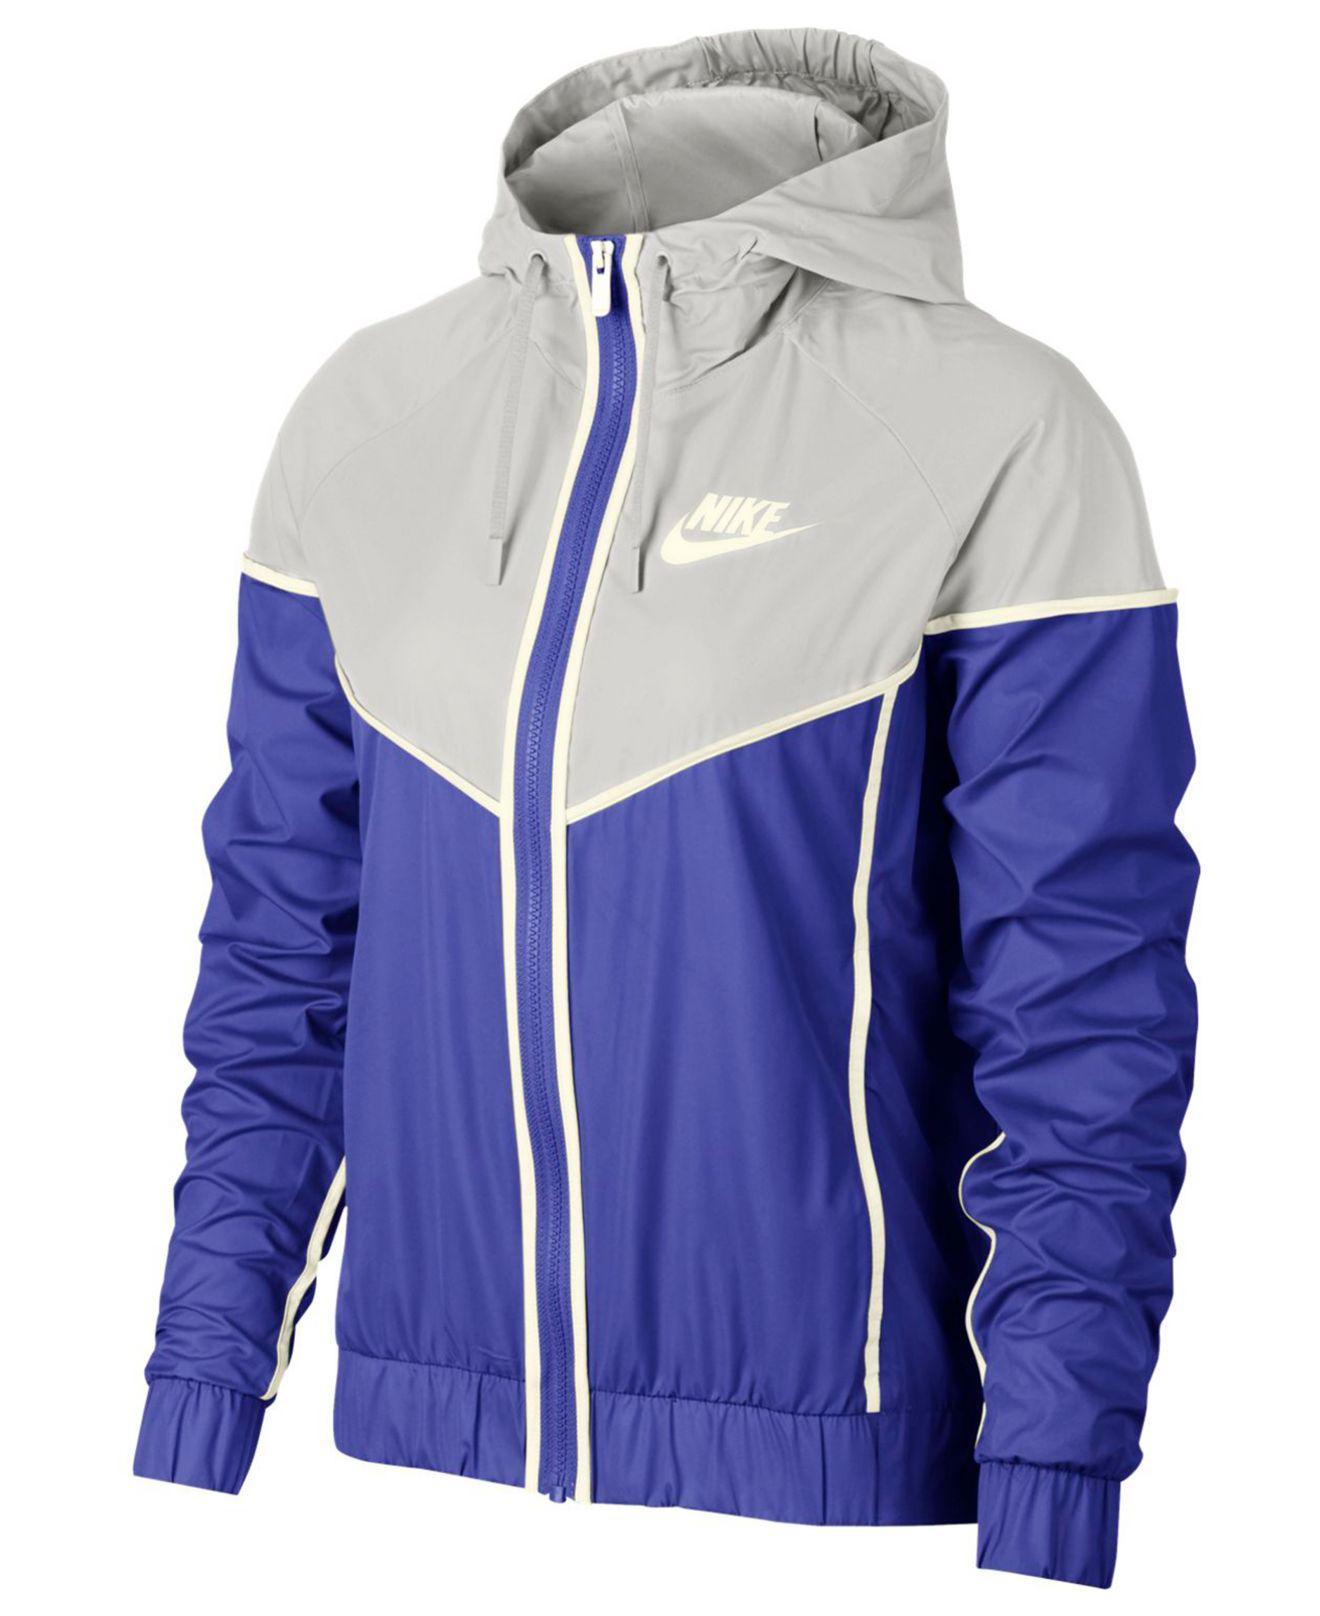 843aa22912 Lyst - Nike Sportswear Windrunner Hooded Jacket in Blue